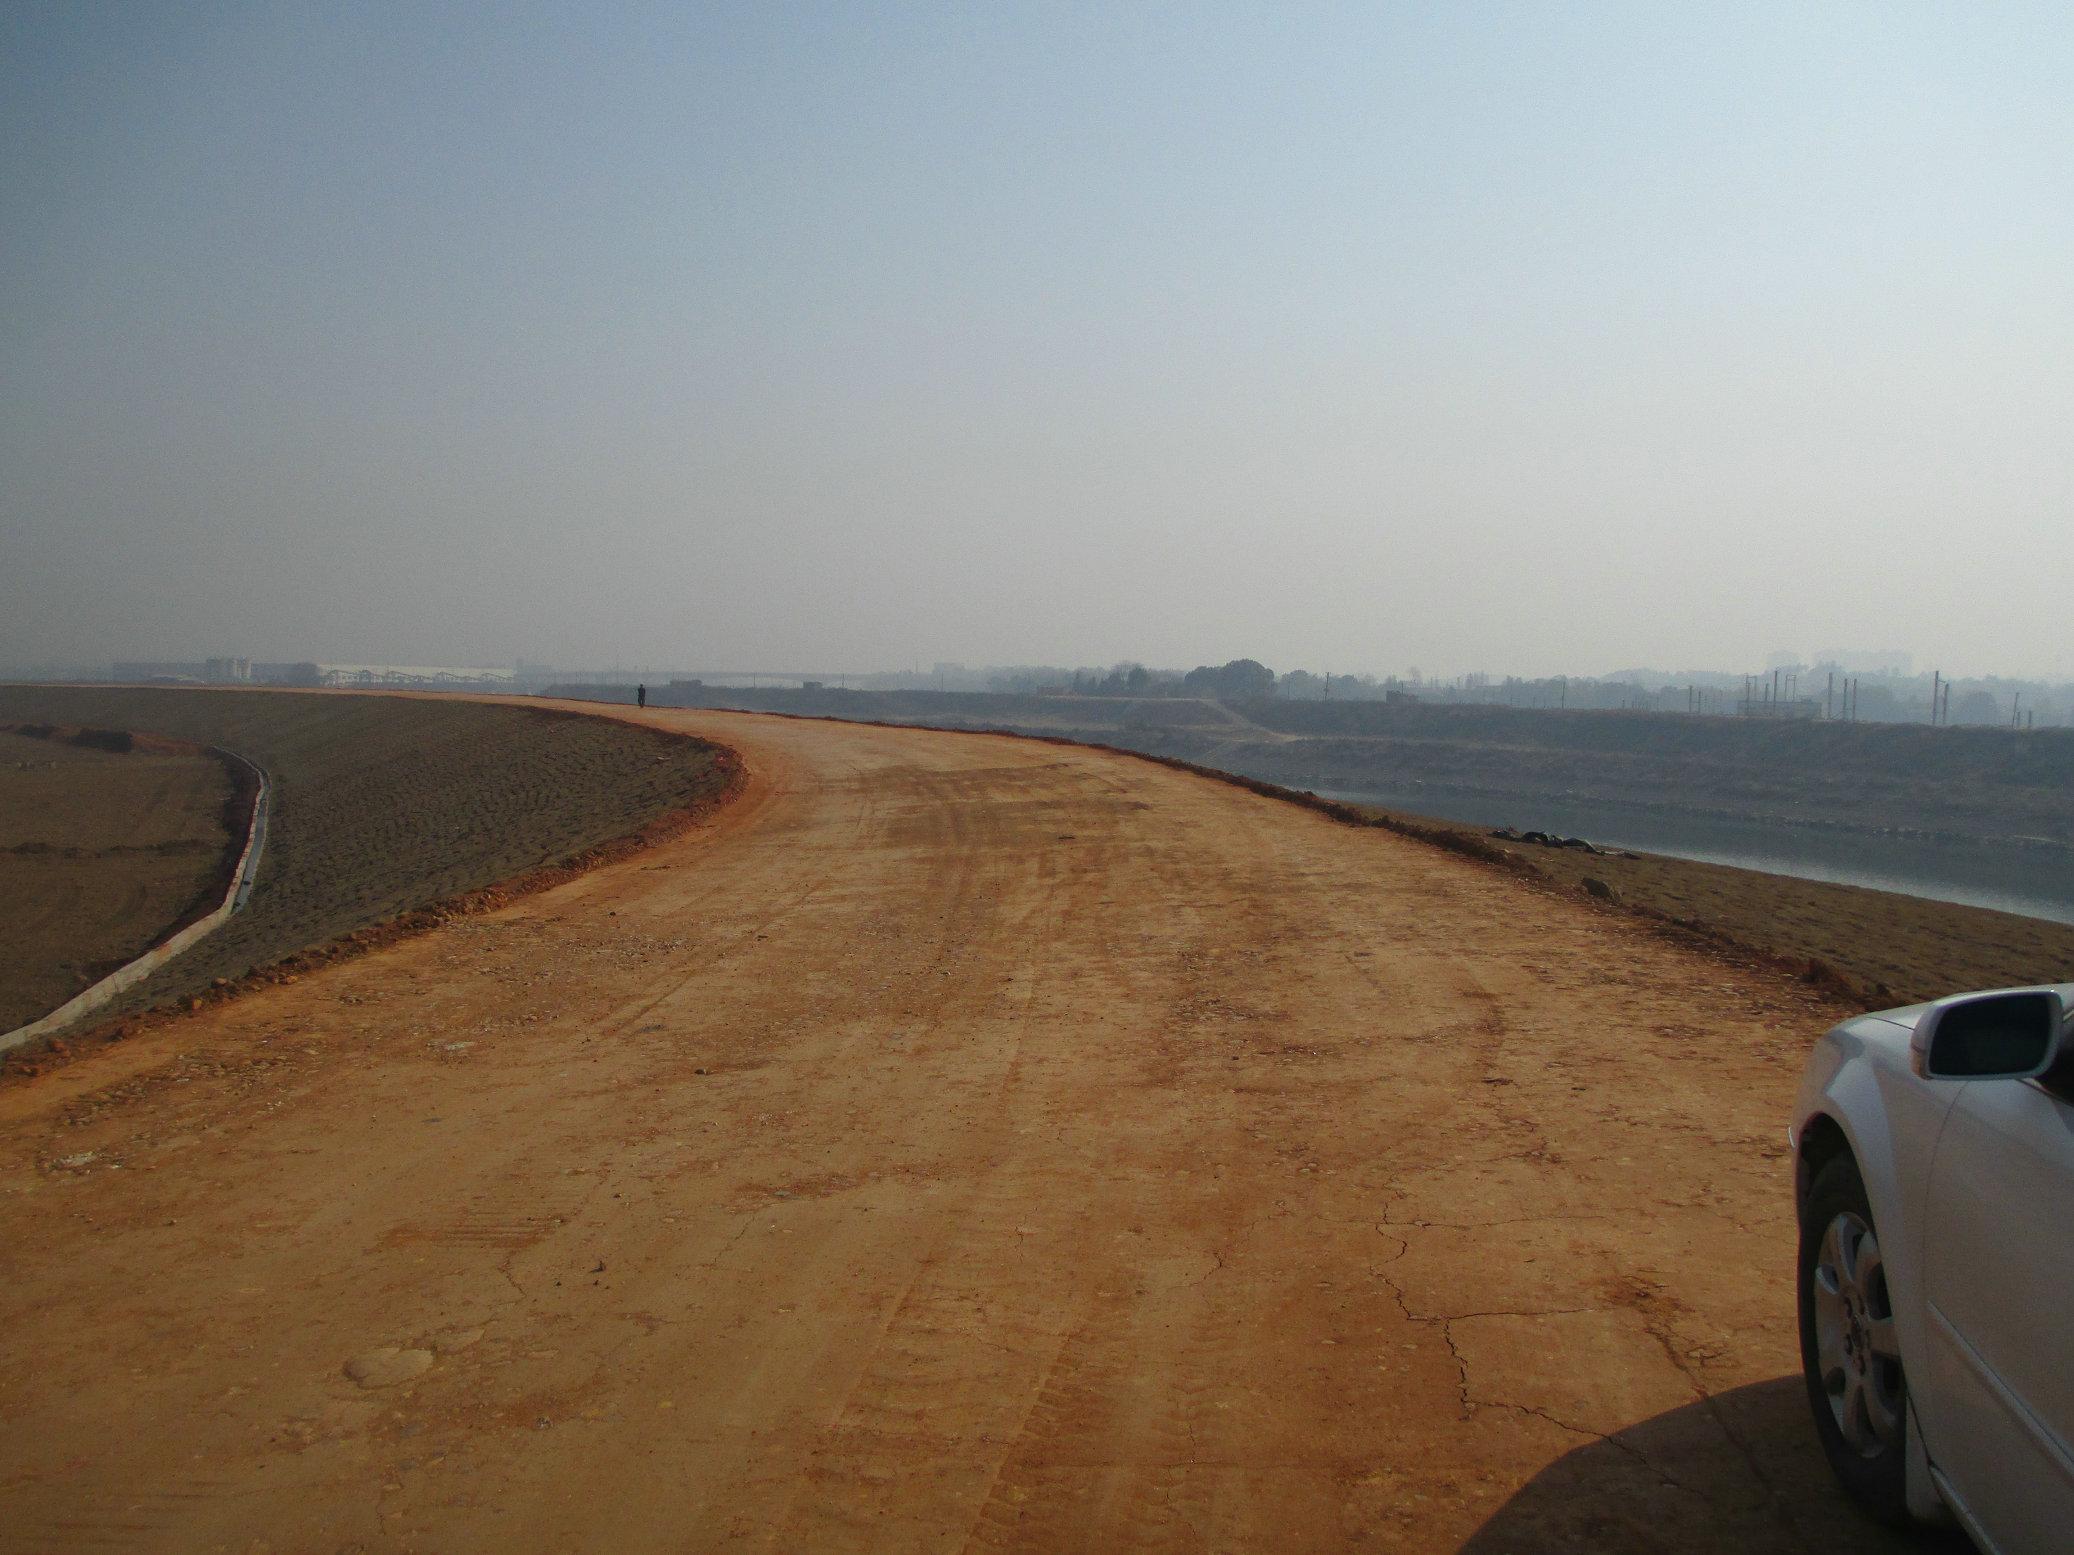 湘江综合枢纽长沙水库(望城段)后续水利建设先期项目三标段